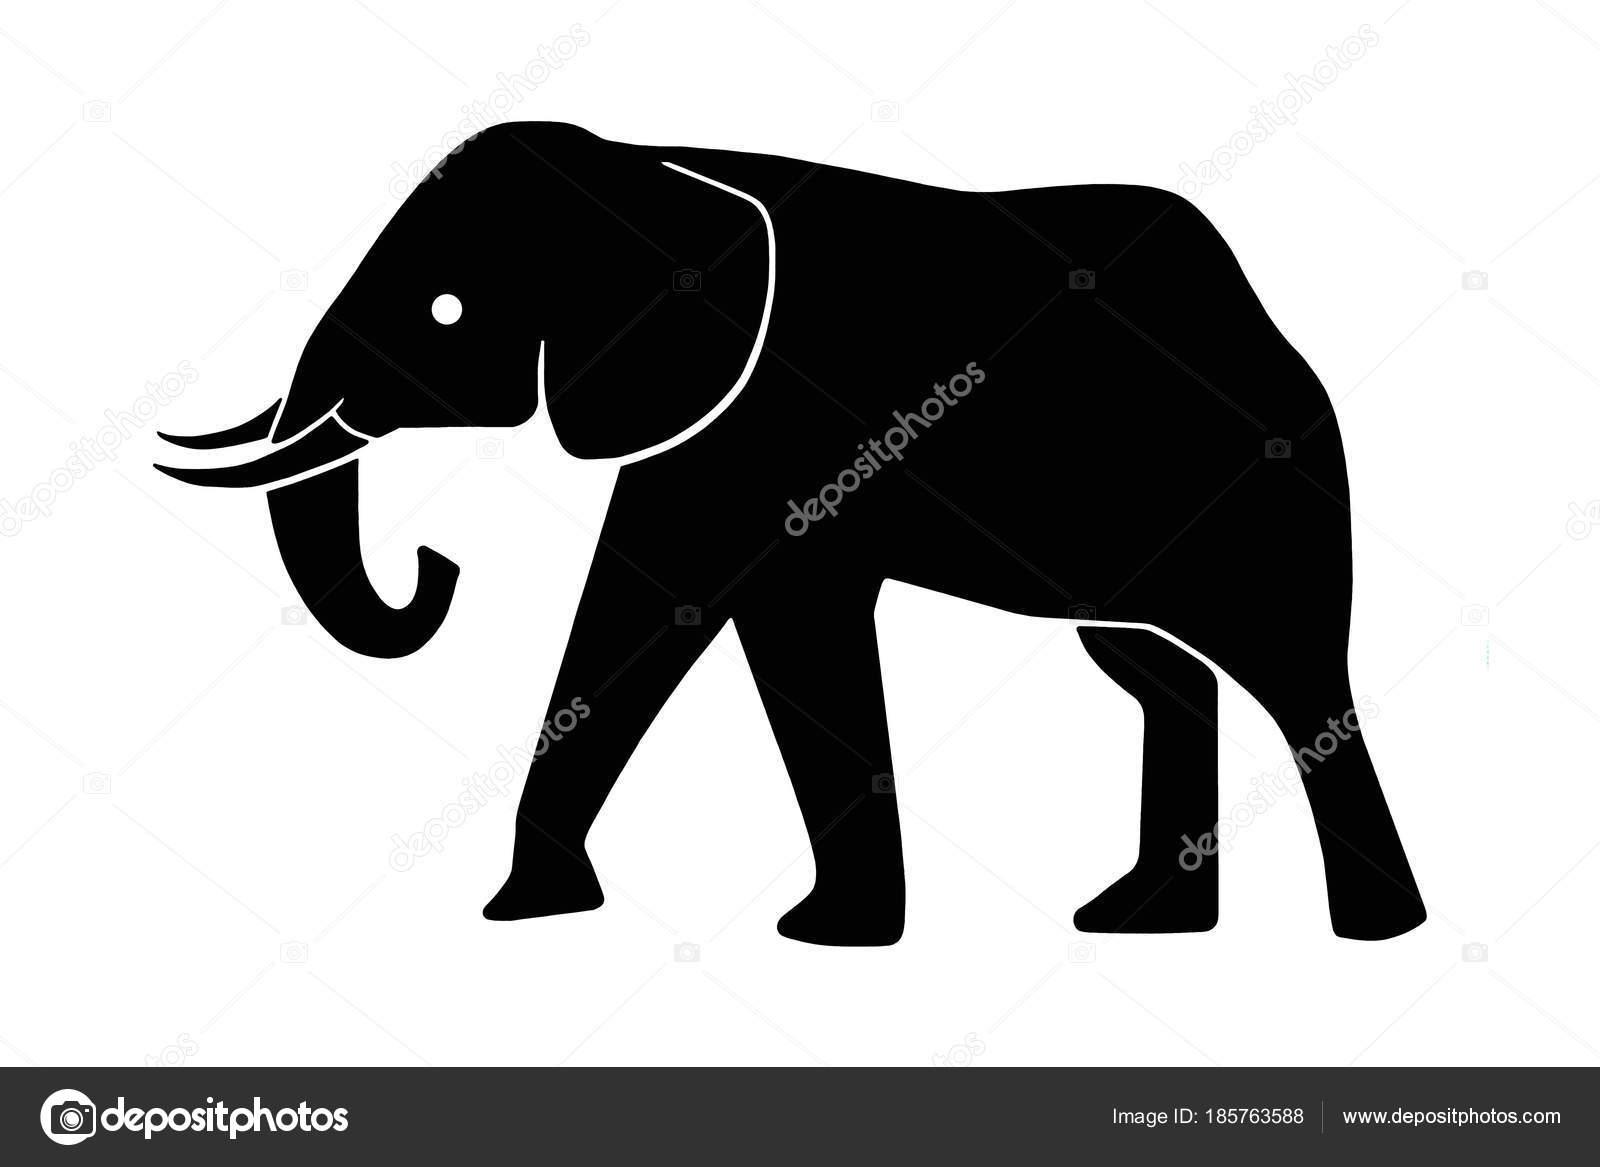 Eine Elefanten Silhouette Als Clipart Für Signage Schwarz Auf Weiß